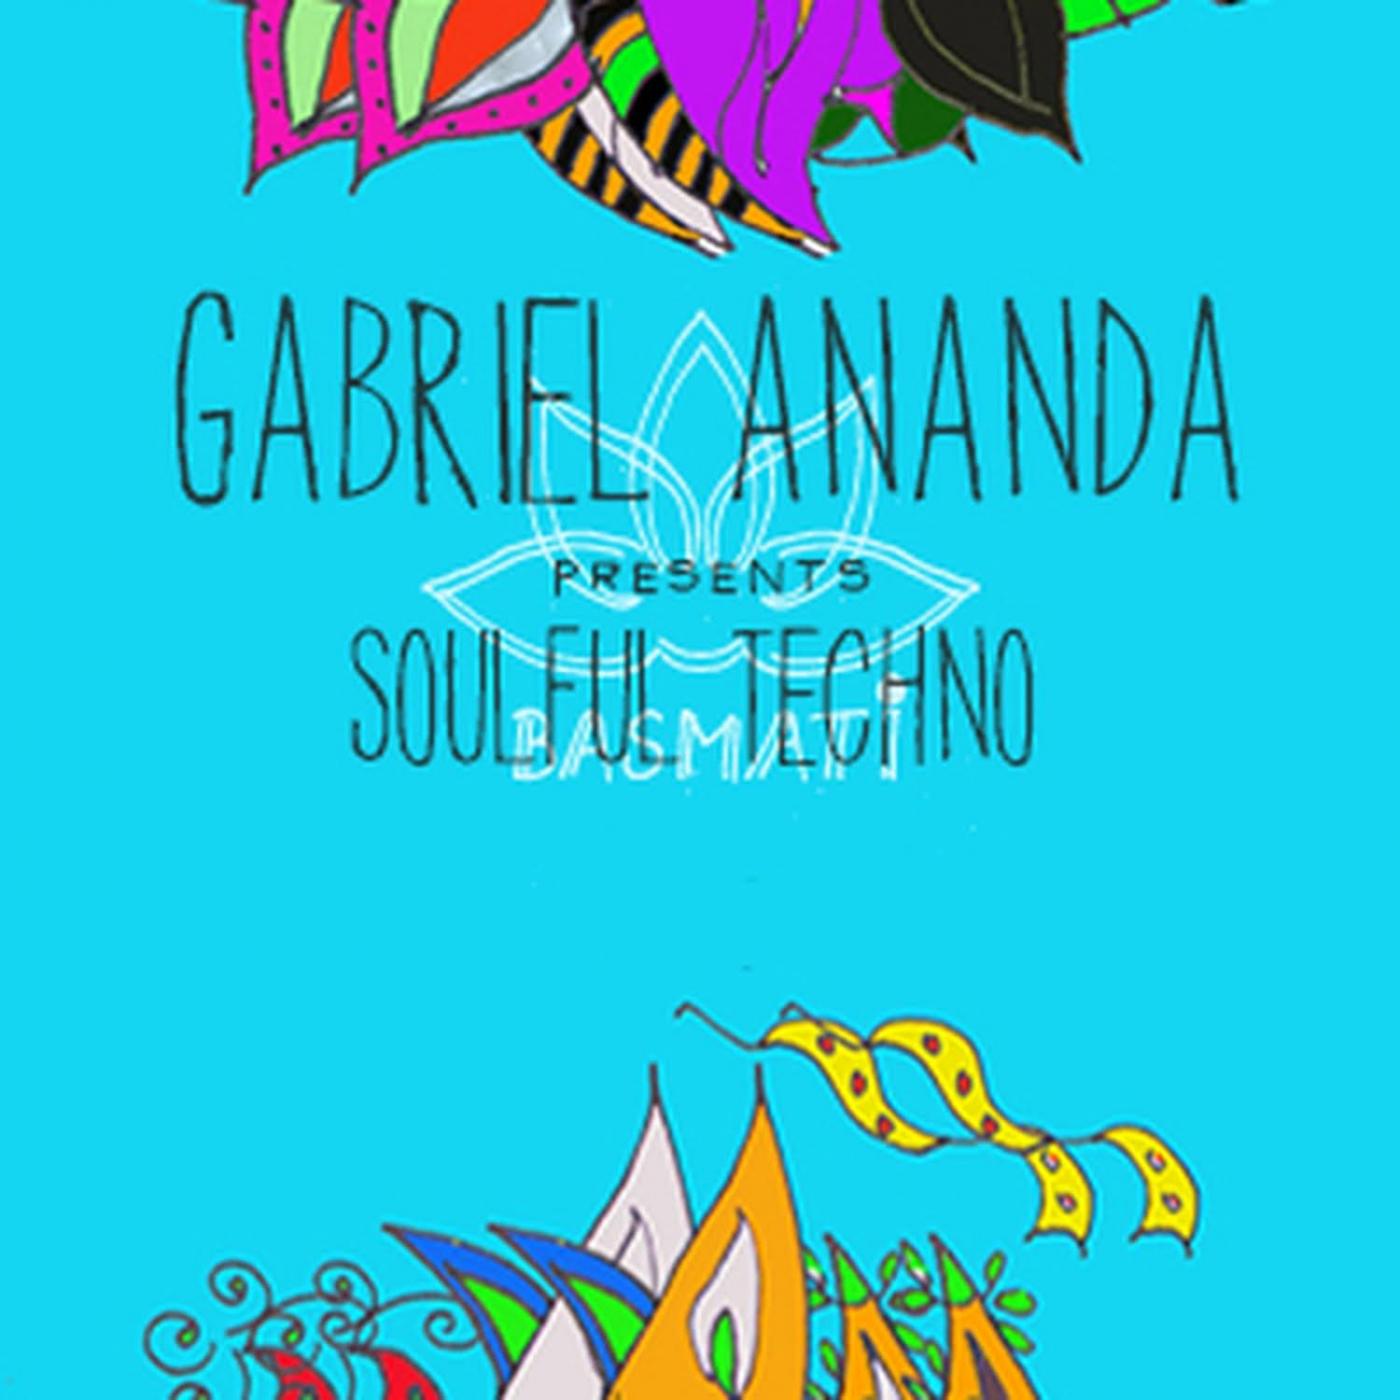 Gabriel Ananda Presents Soulful Techno by Gabriel Ananda